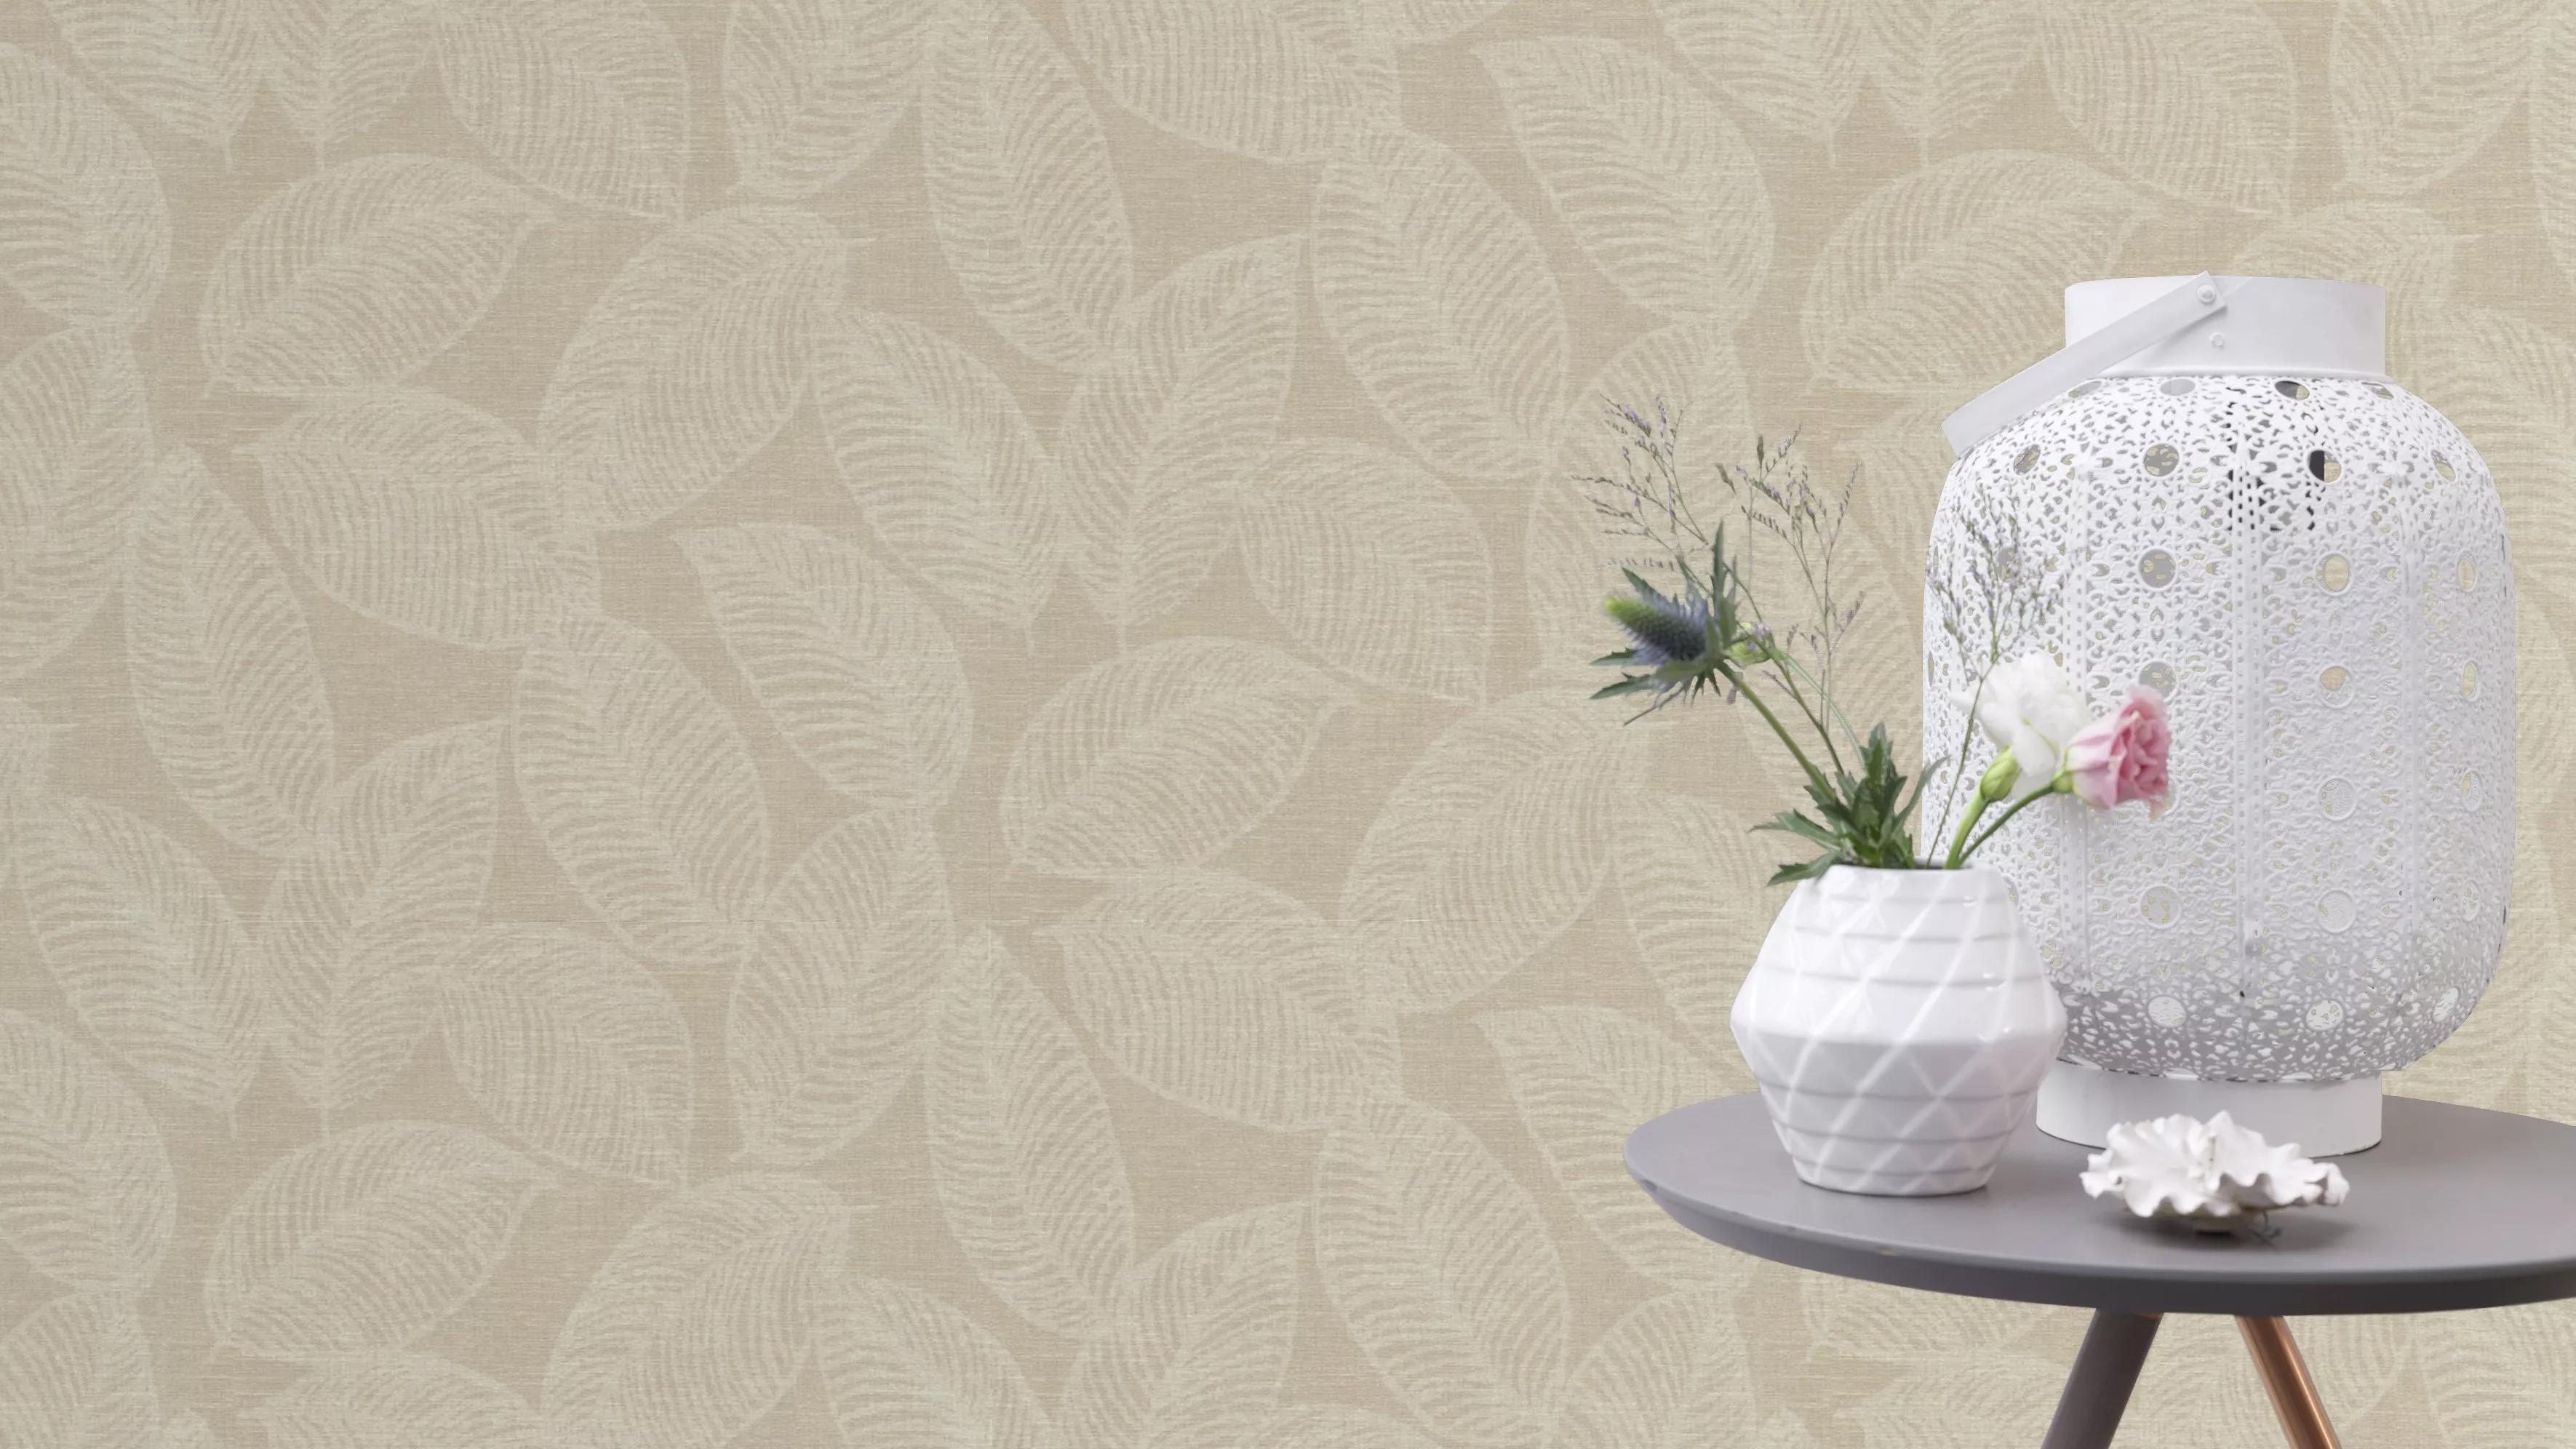 Levélmintás tapéta bézs, krém színben skandináv stílusba